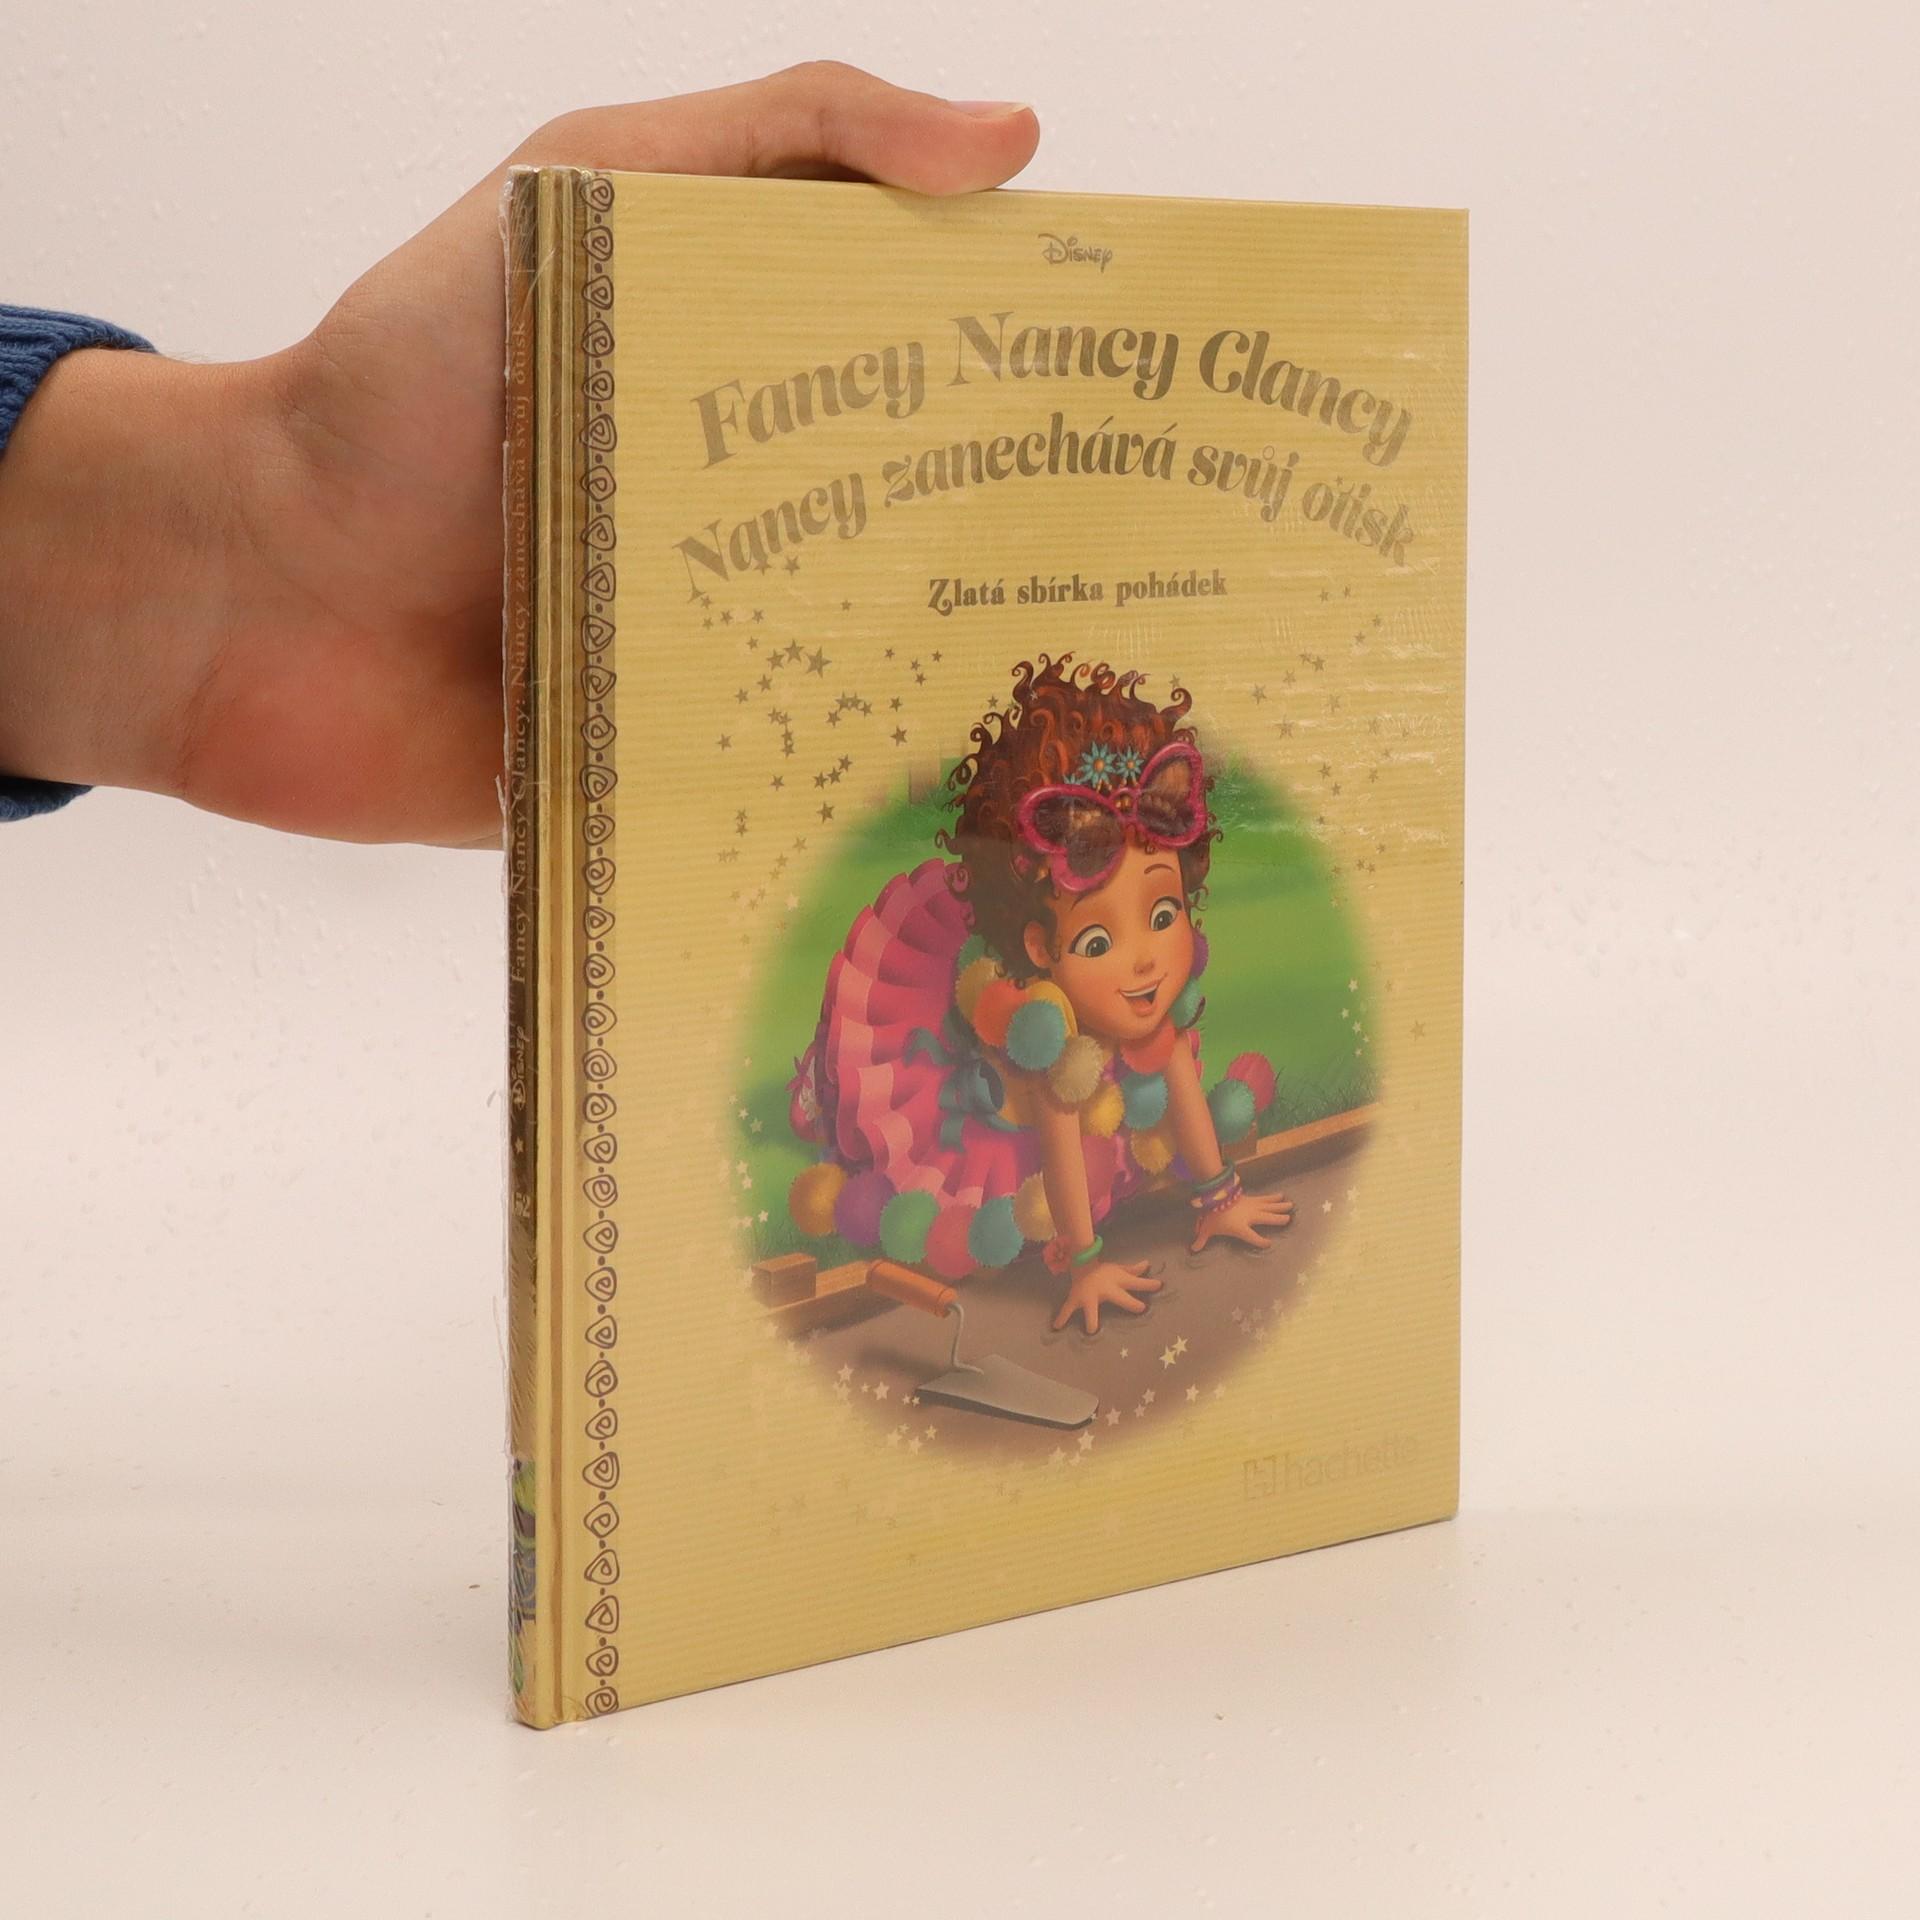 antikvární kniha Fancy Nancy Clancy : Nancy zanechává svůj otisk, neuveden